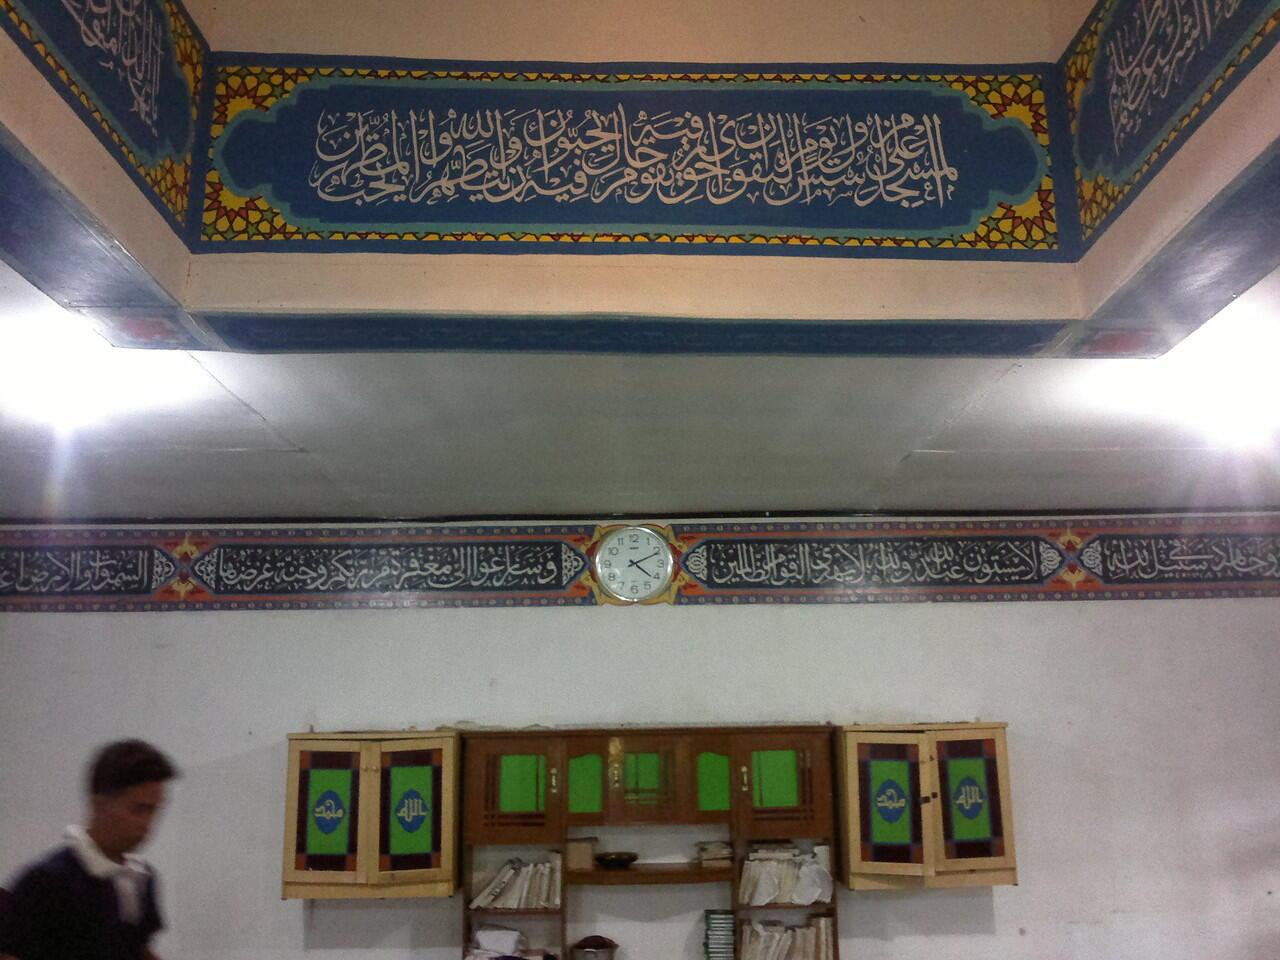 jasa rancang kaligrafi masjid